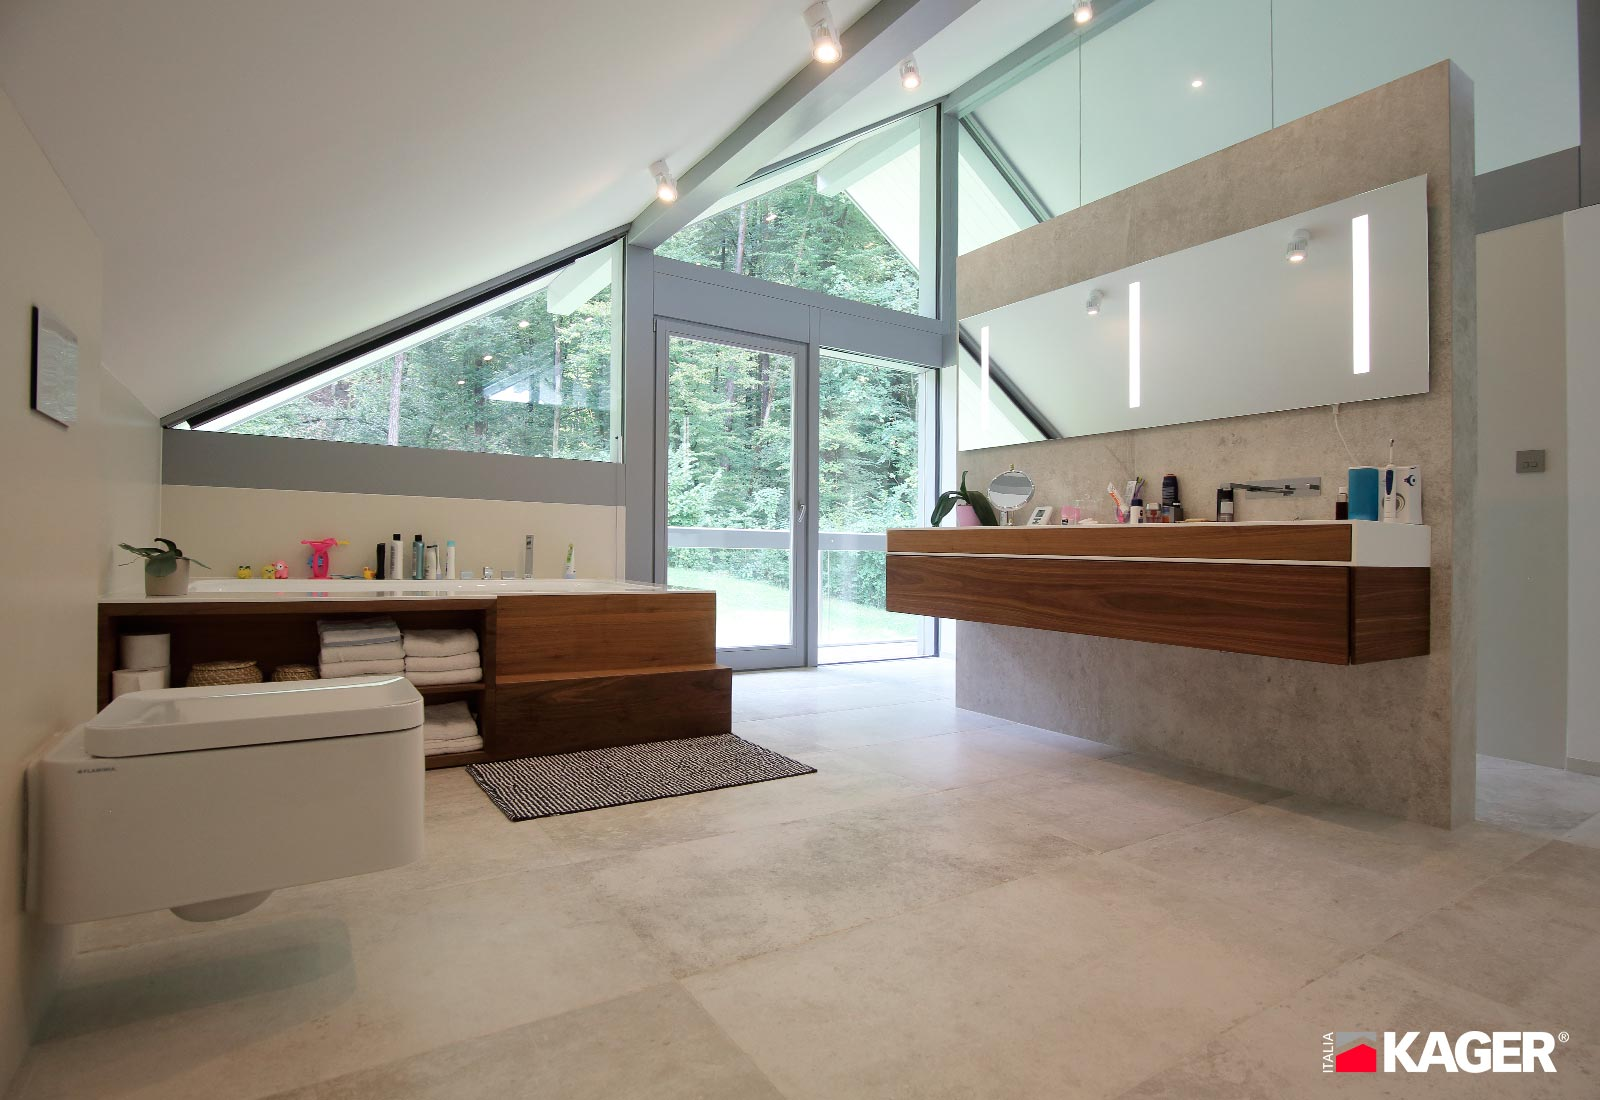 Casa-in-legno-Lubiana-2-Kager-Italia-05